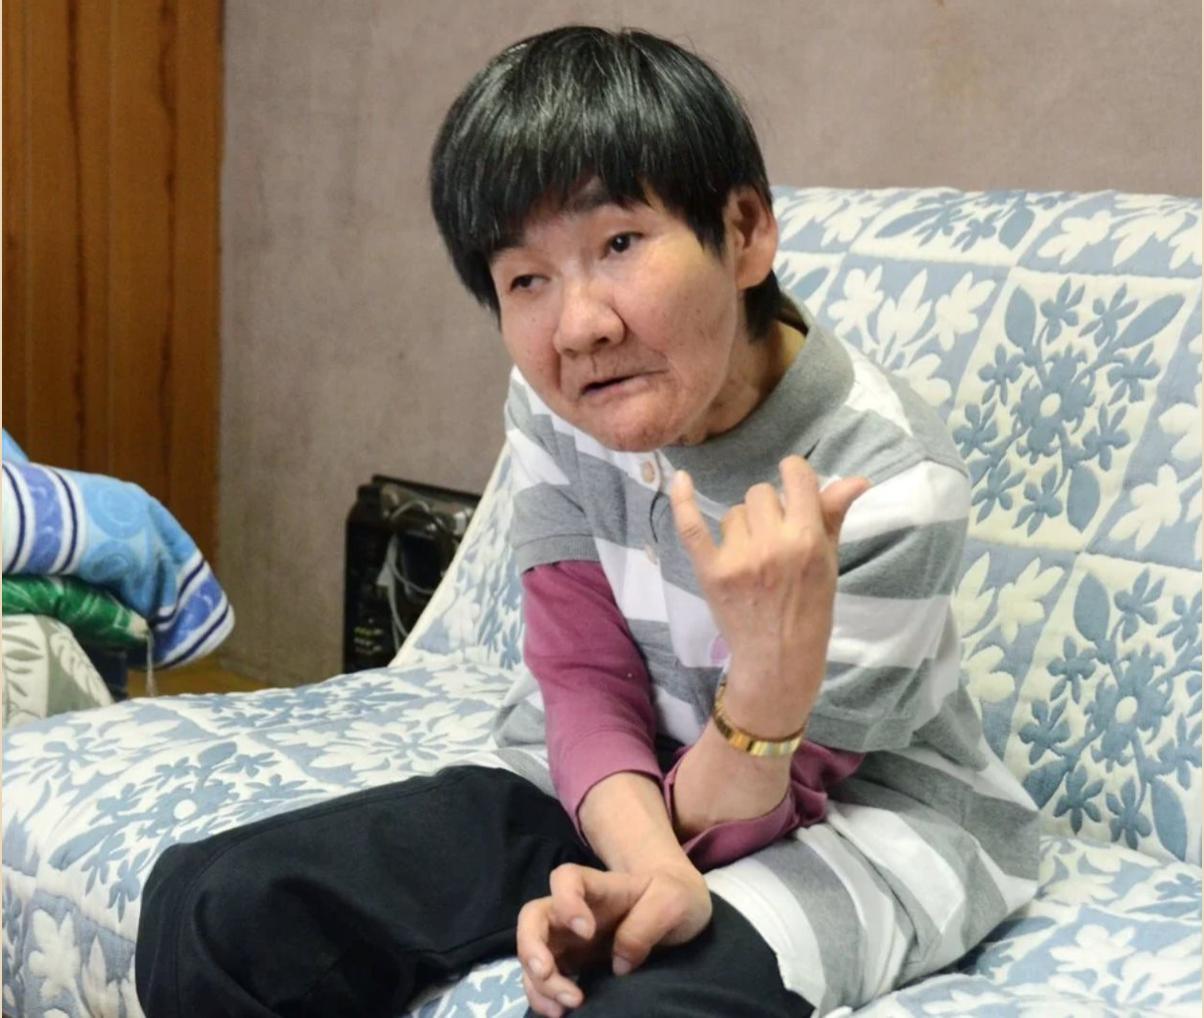 Shinobu Sakamotoo, một nạn nhân của vụ nhiễm độc thủy ngân - Ảnh: SCMP